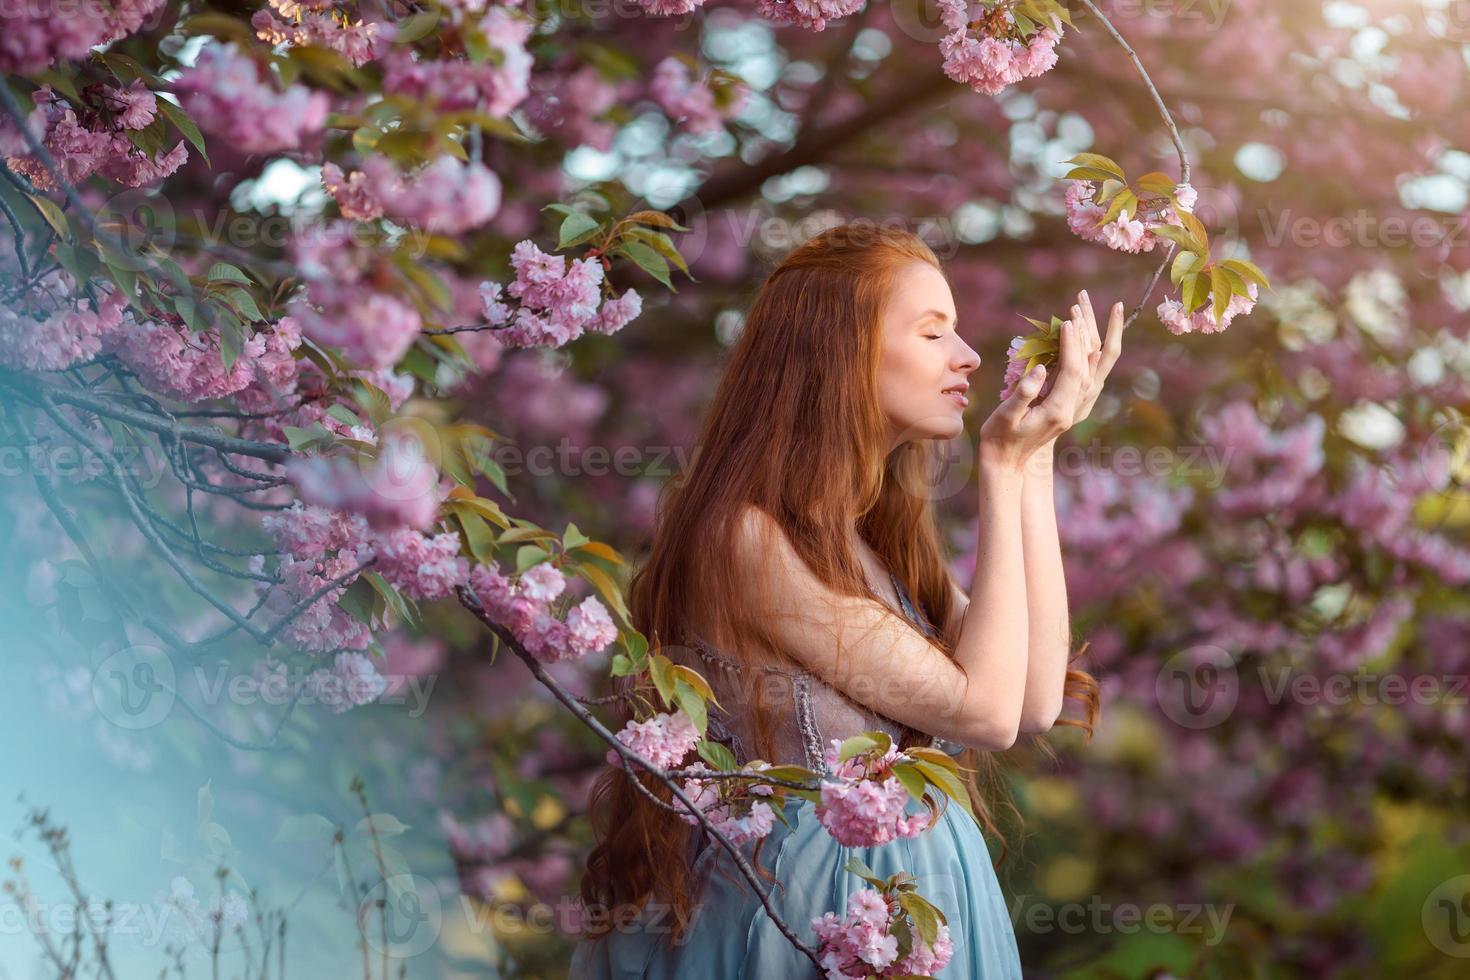 hermosa mujer embarazada en jardín floreciente foto